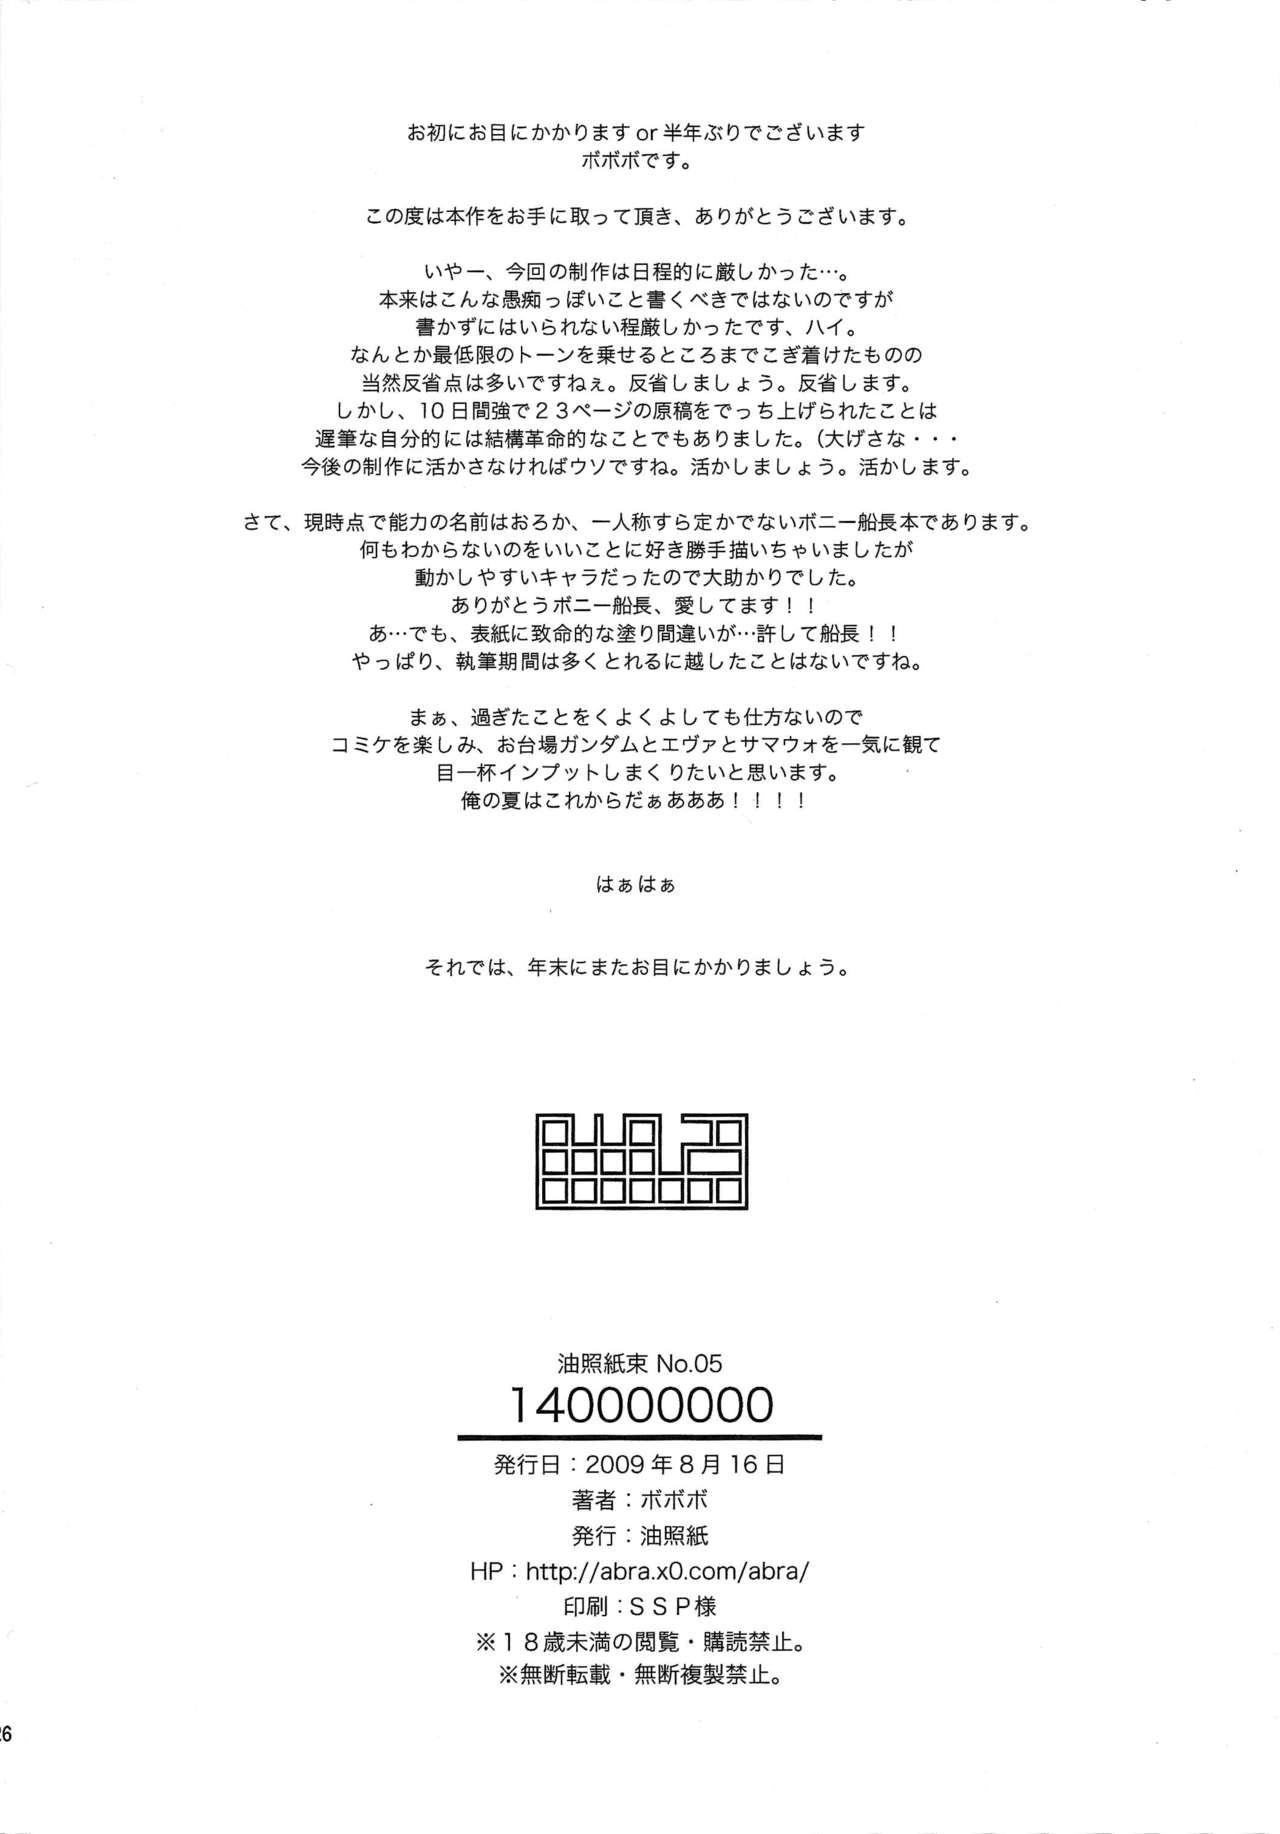 Abura Shoukami Tsukane No.05 140000000 25